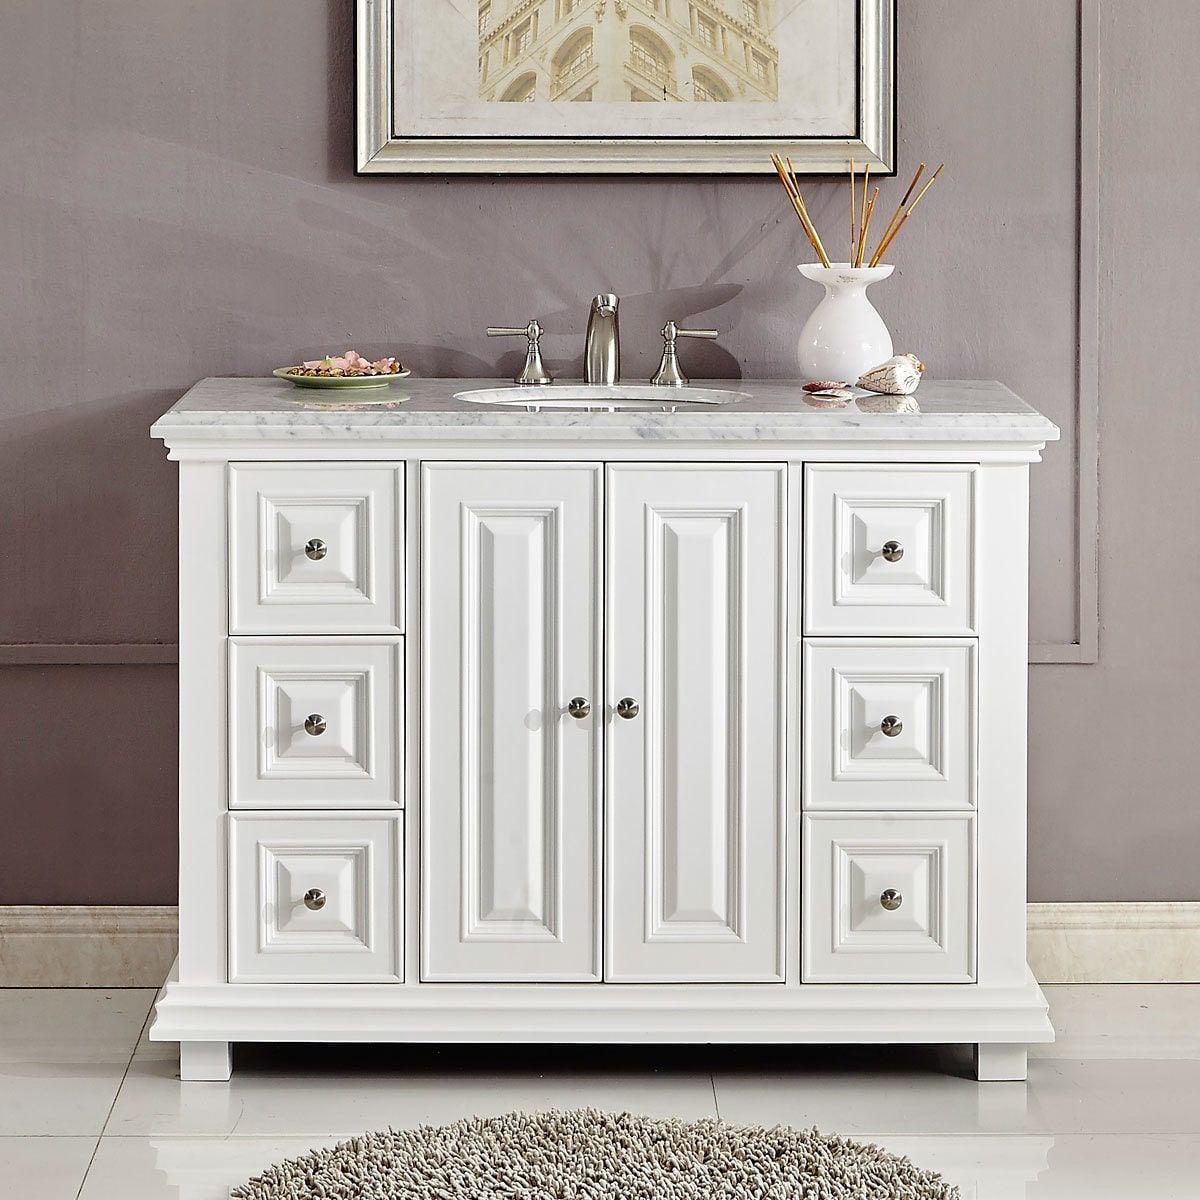 Silkroad exclusive transitional bathroom vanity single sink